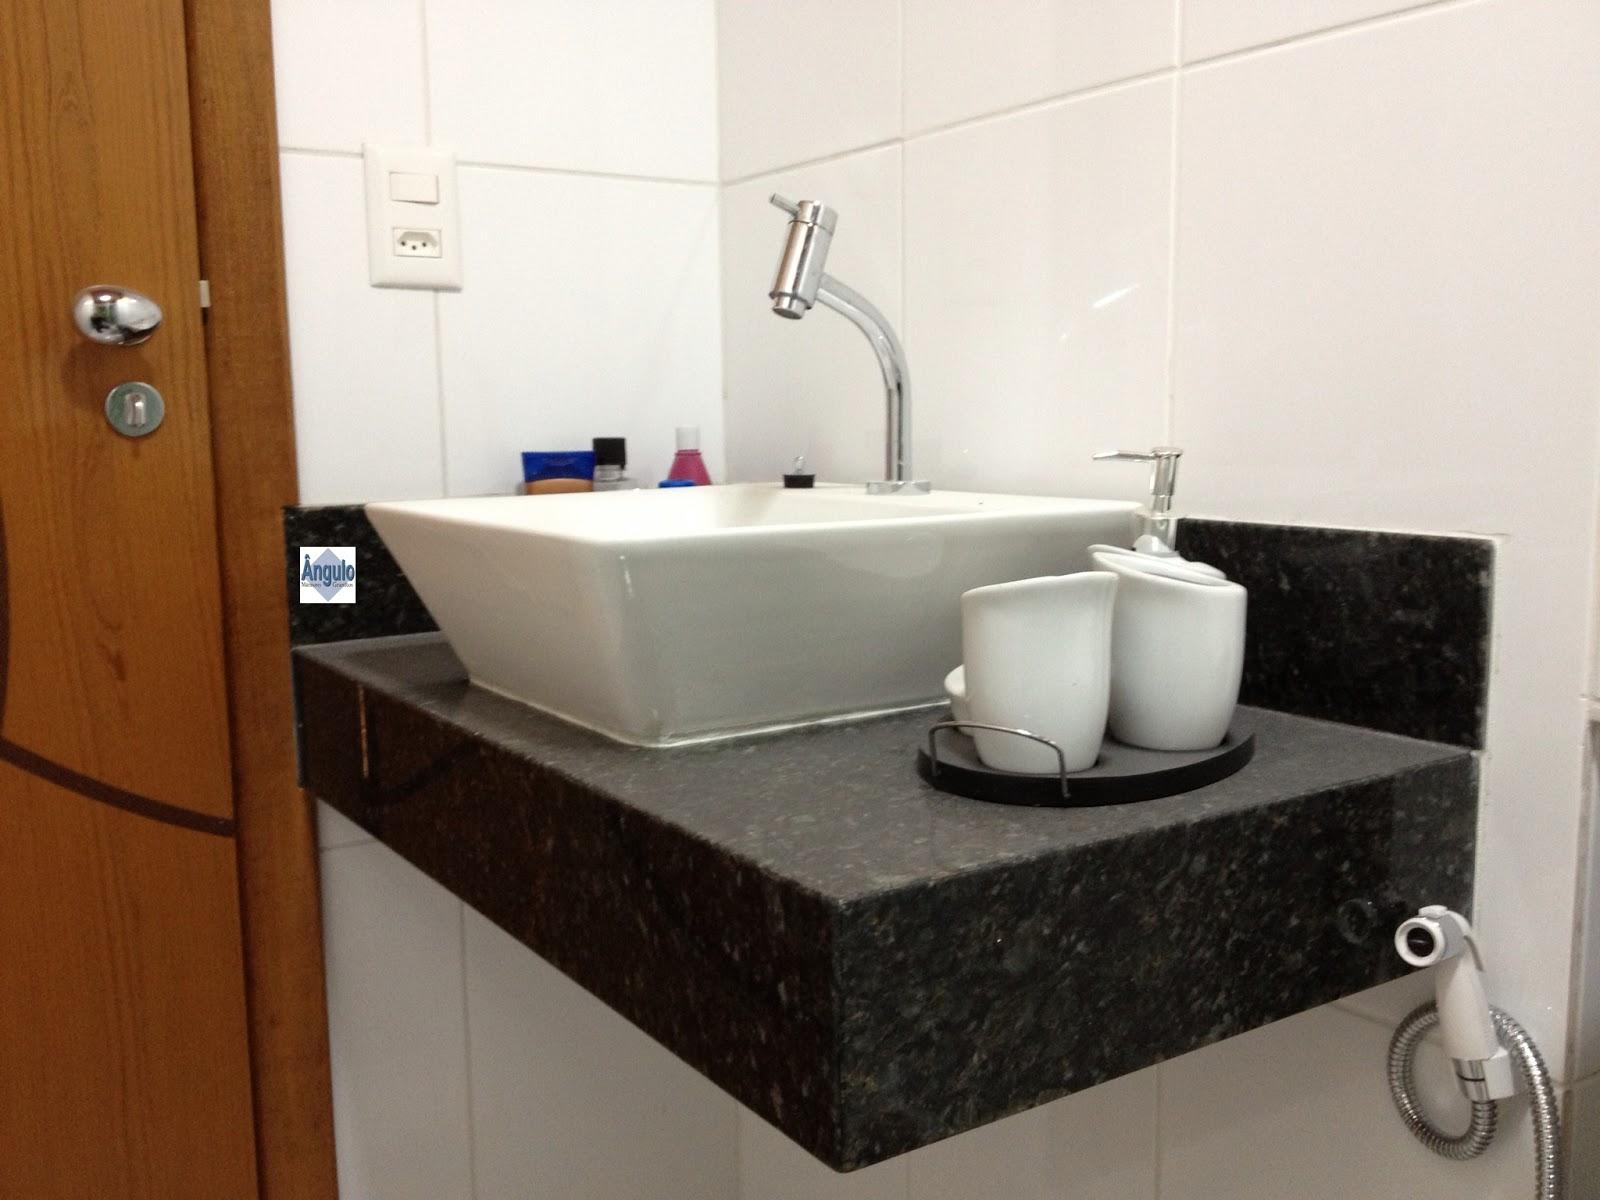 Vista Lateral de pia de banheiro! #13276E 1600 1200